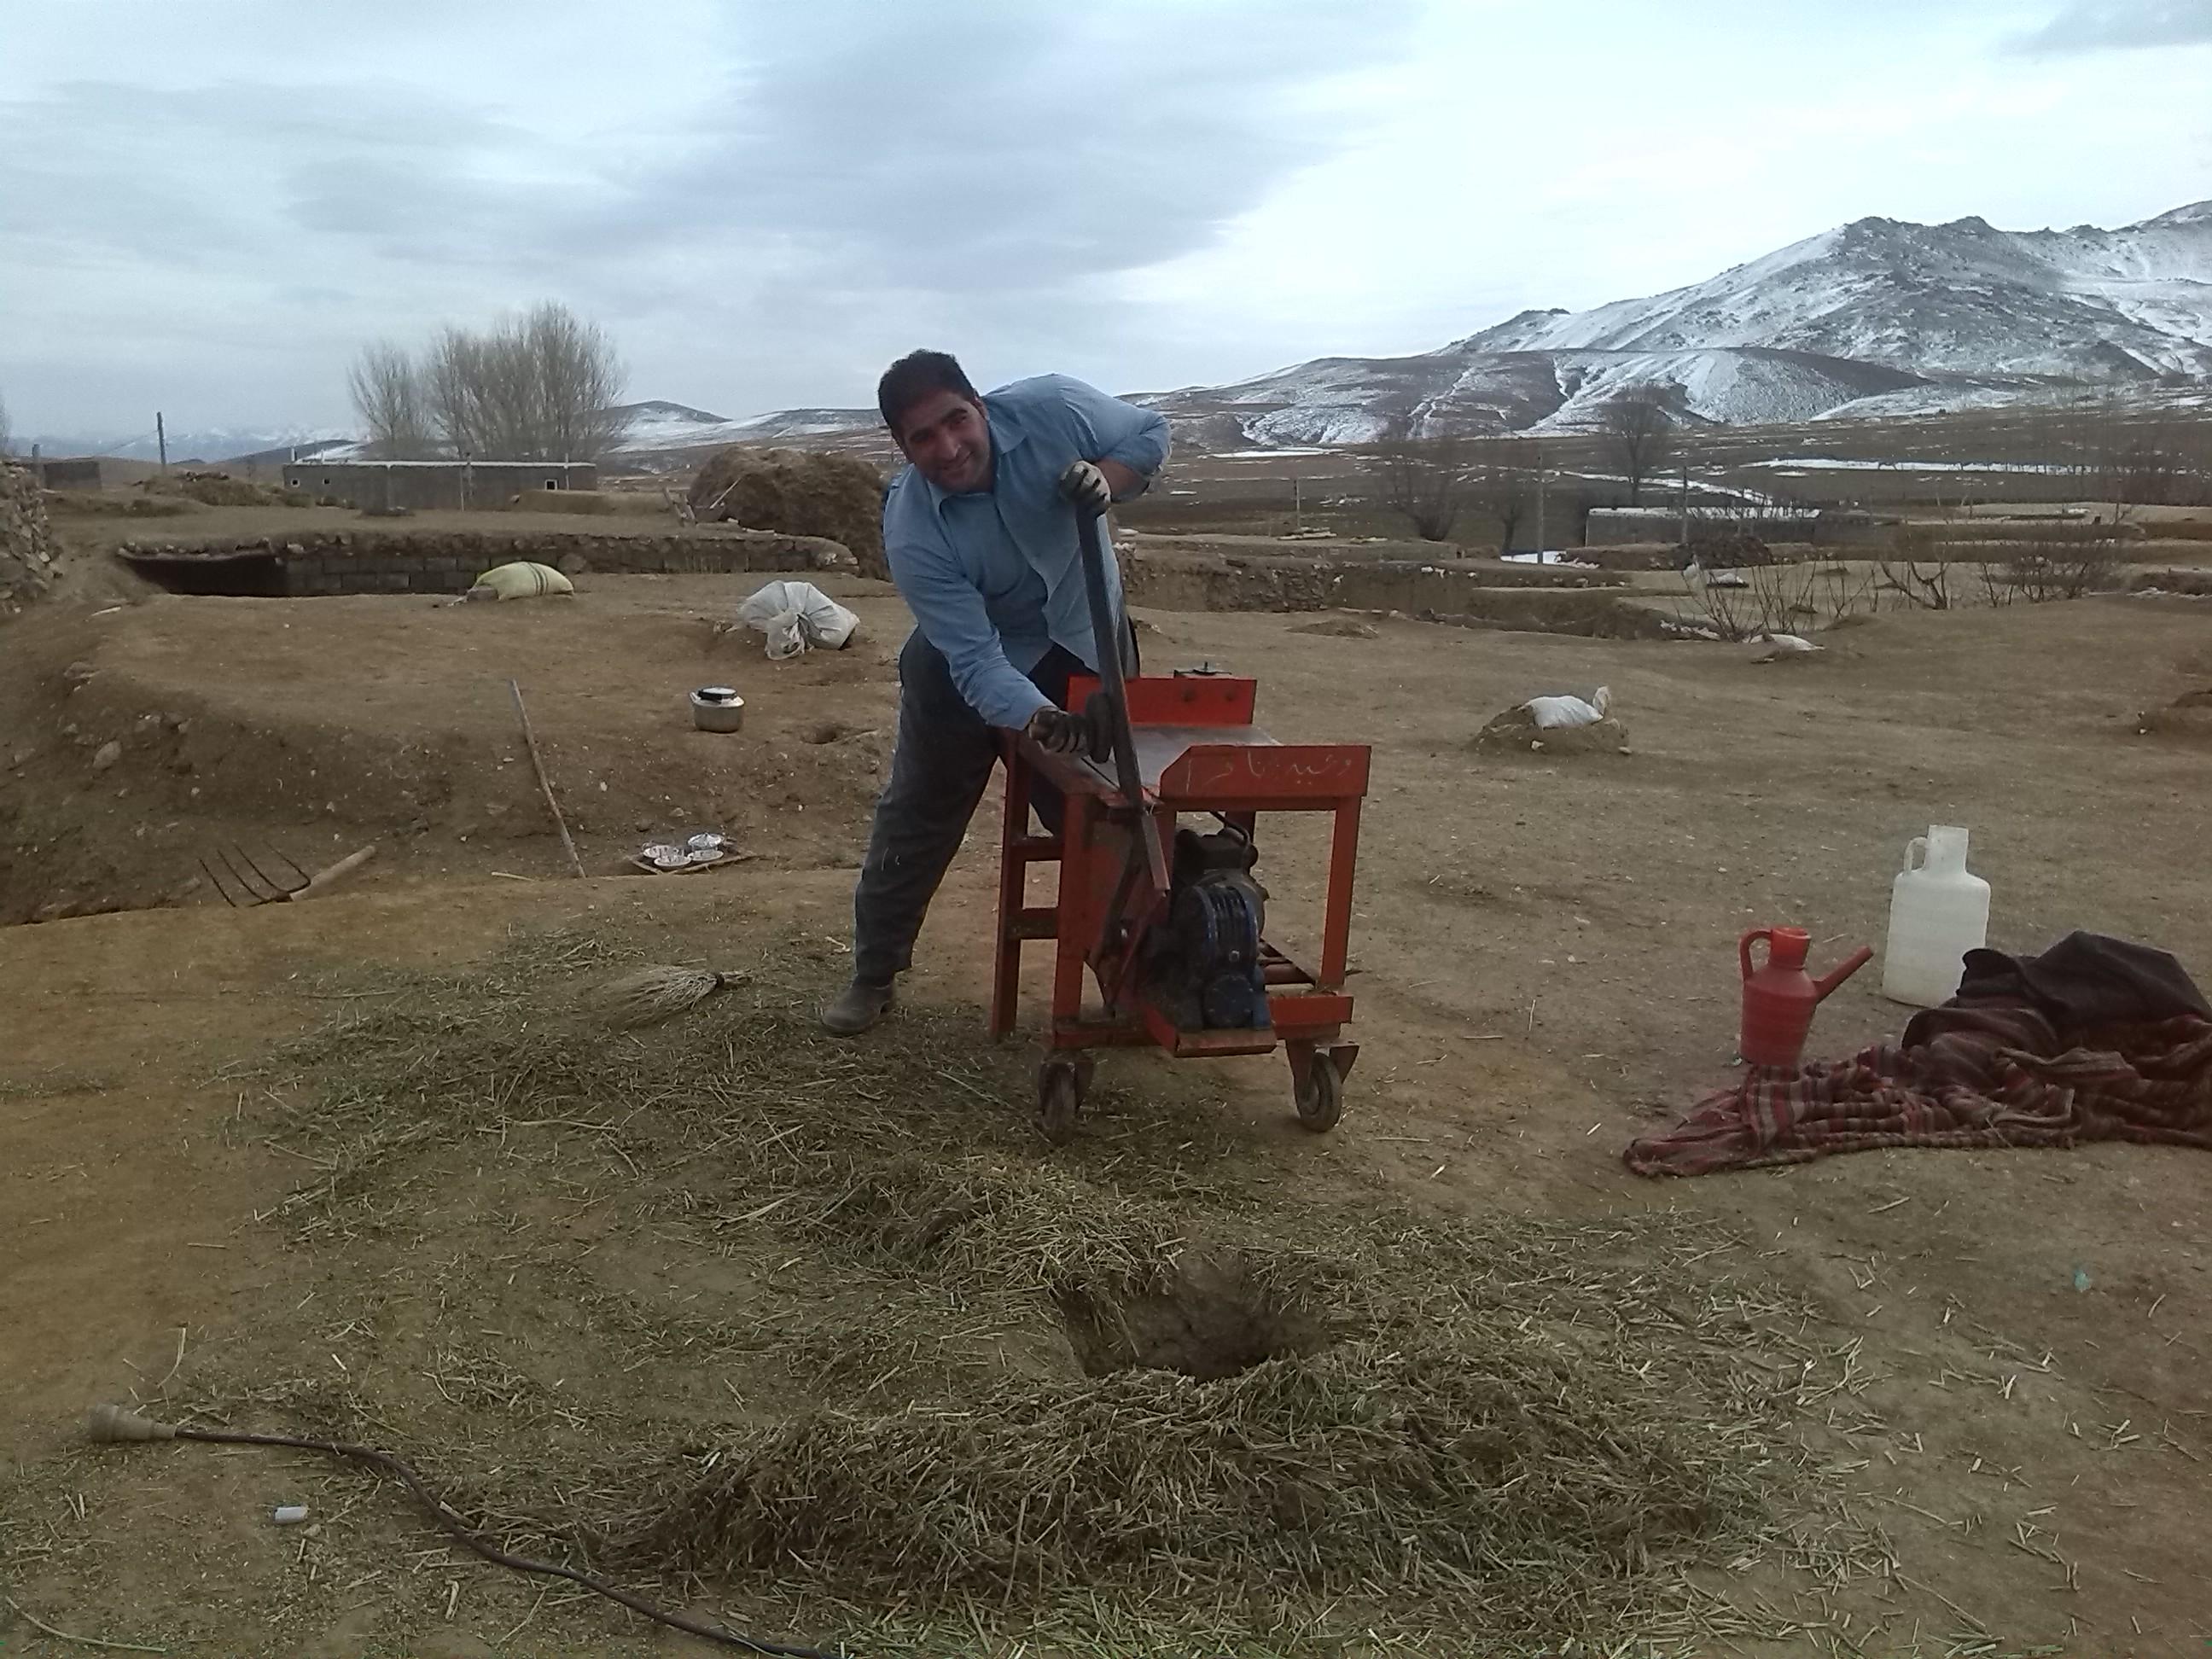 عکس از خرد کردن علوفه در روستا برای حیوانات